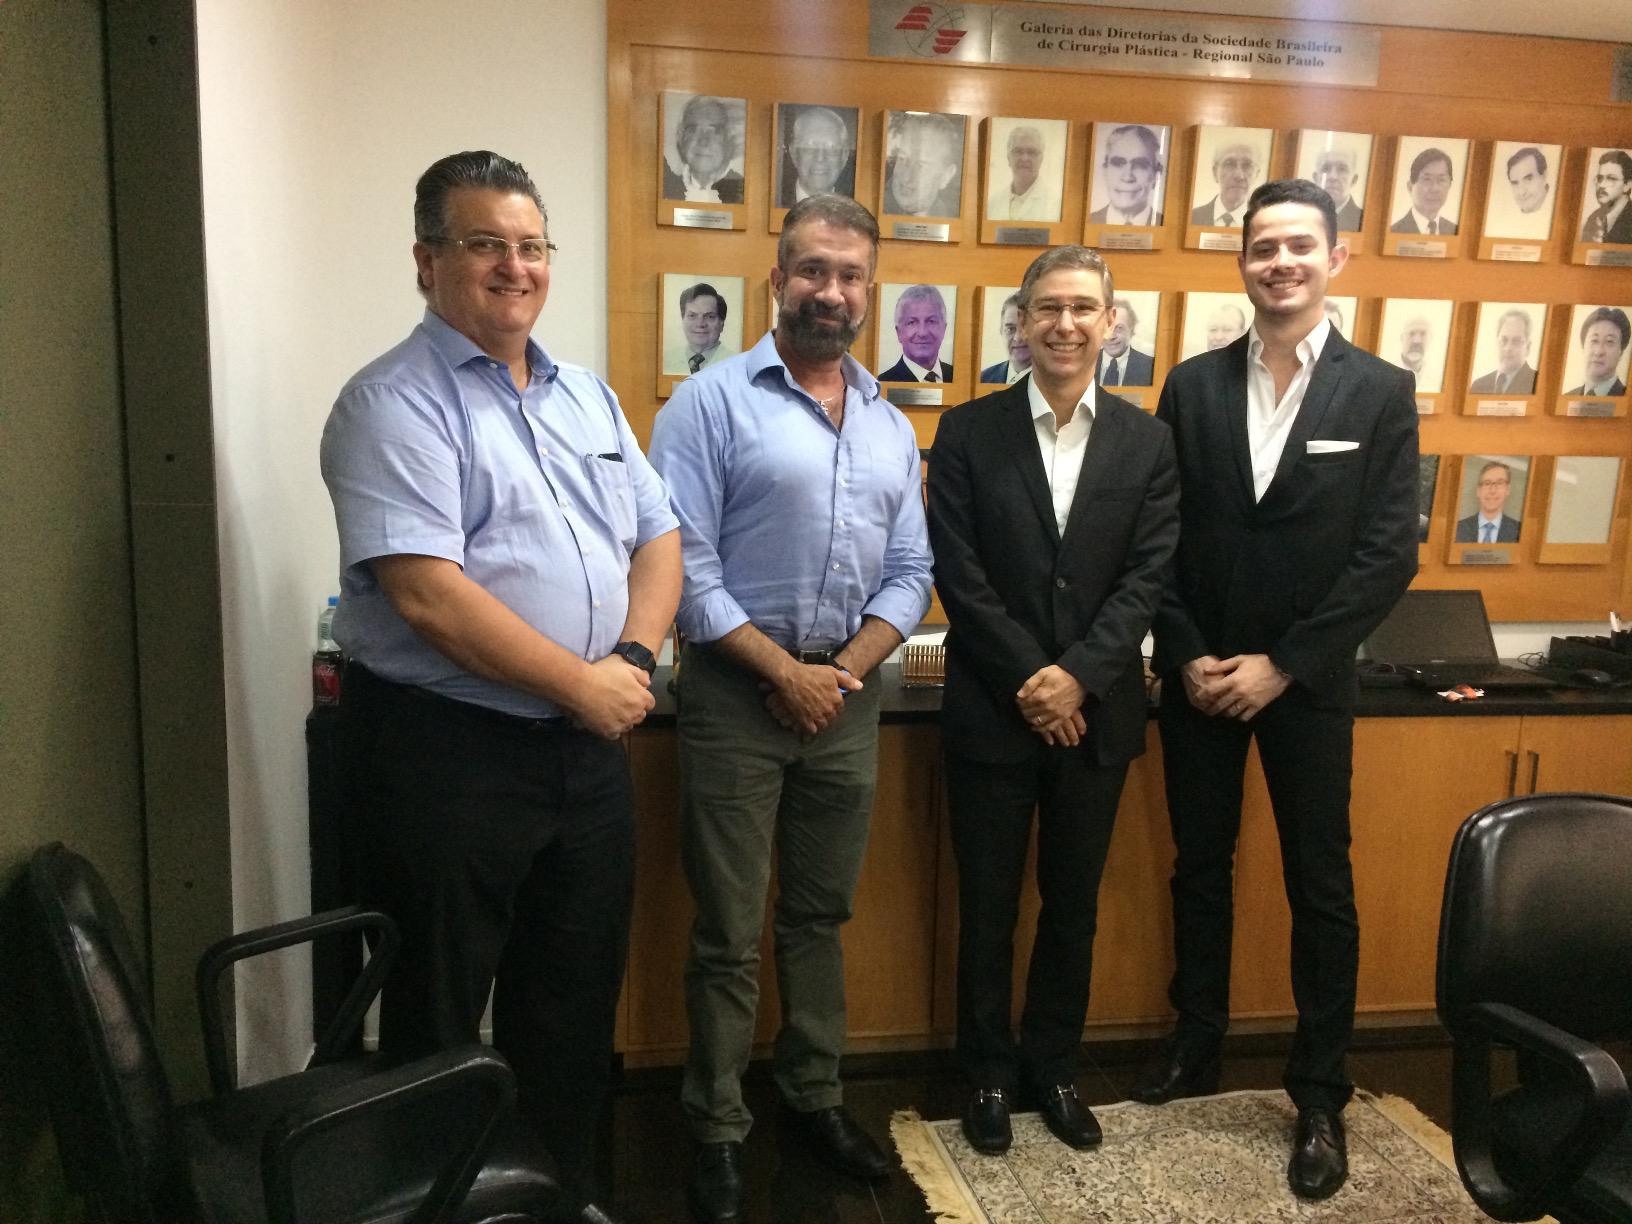 Dr. José Octávio Gonçalves de Freitas, Dr. Mario Warde, Dr. Elvio Bueno Garcia e o advogado Murilo Rebouças Aranha conversaram sobre o aplicativo Go2Doc